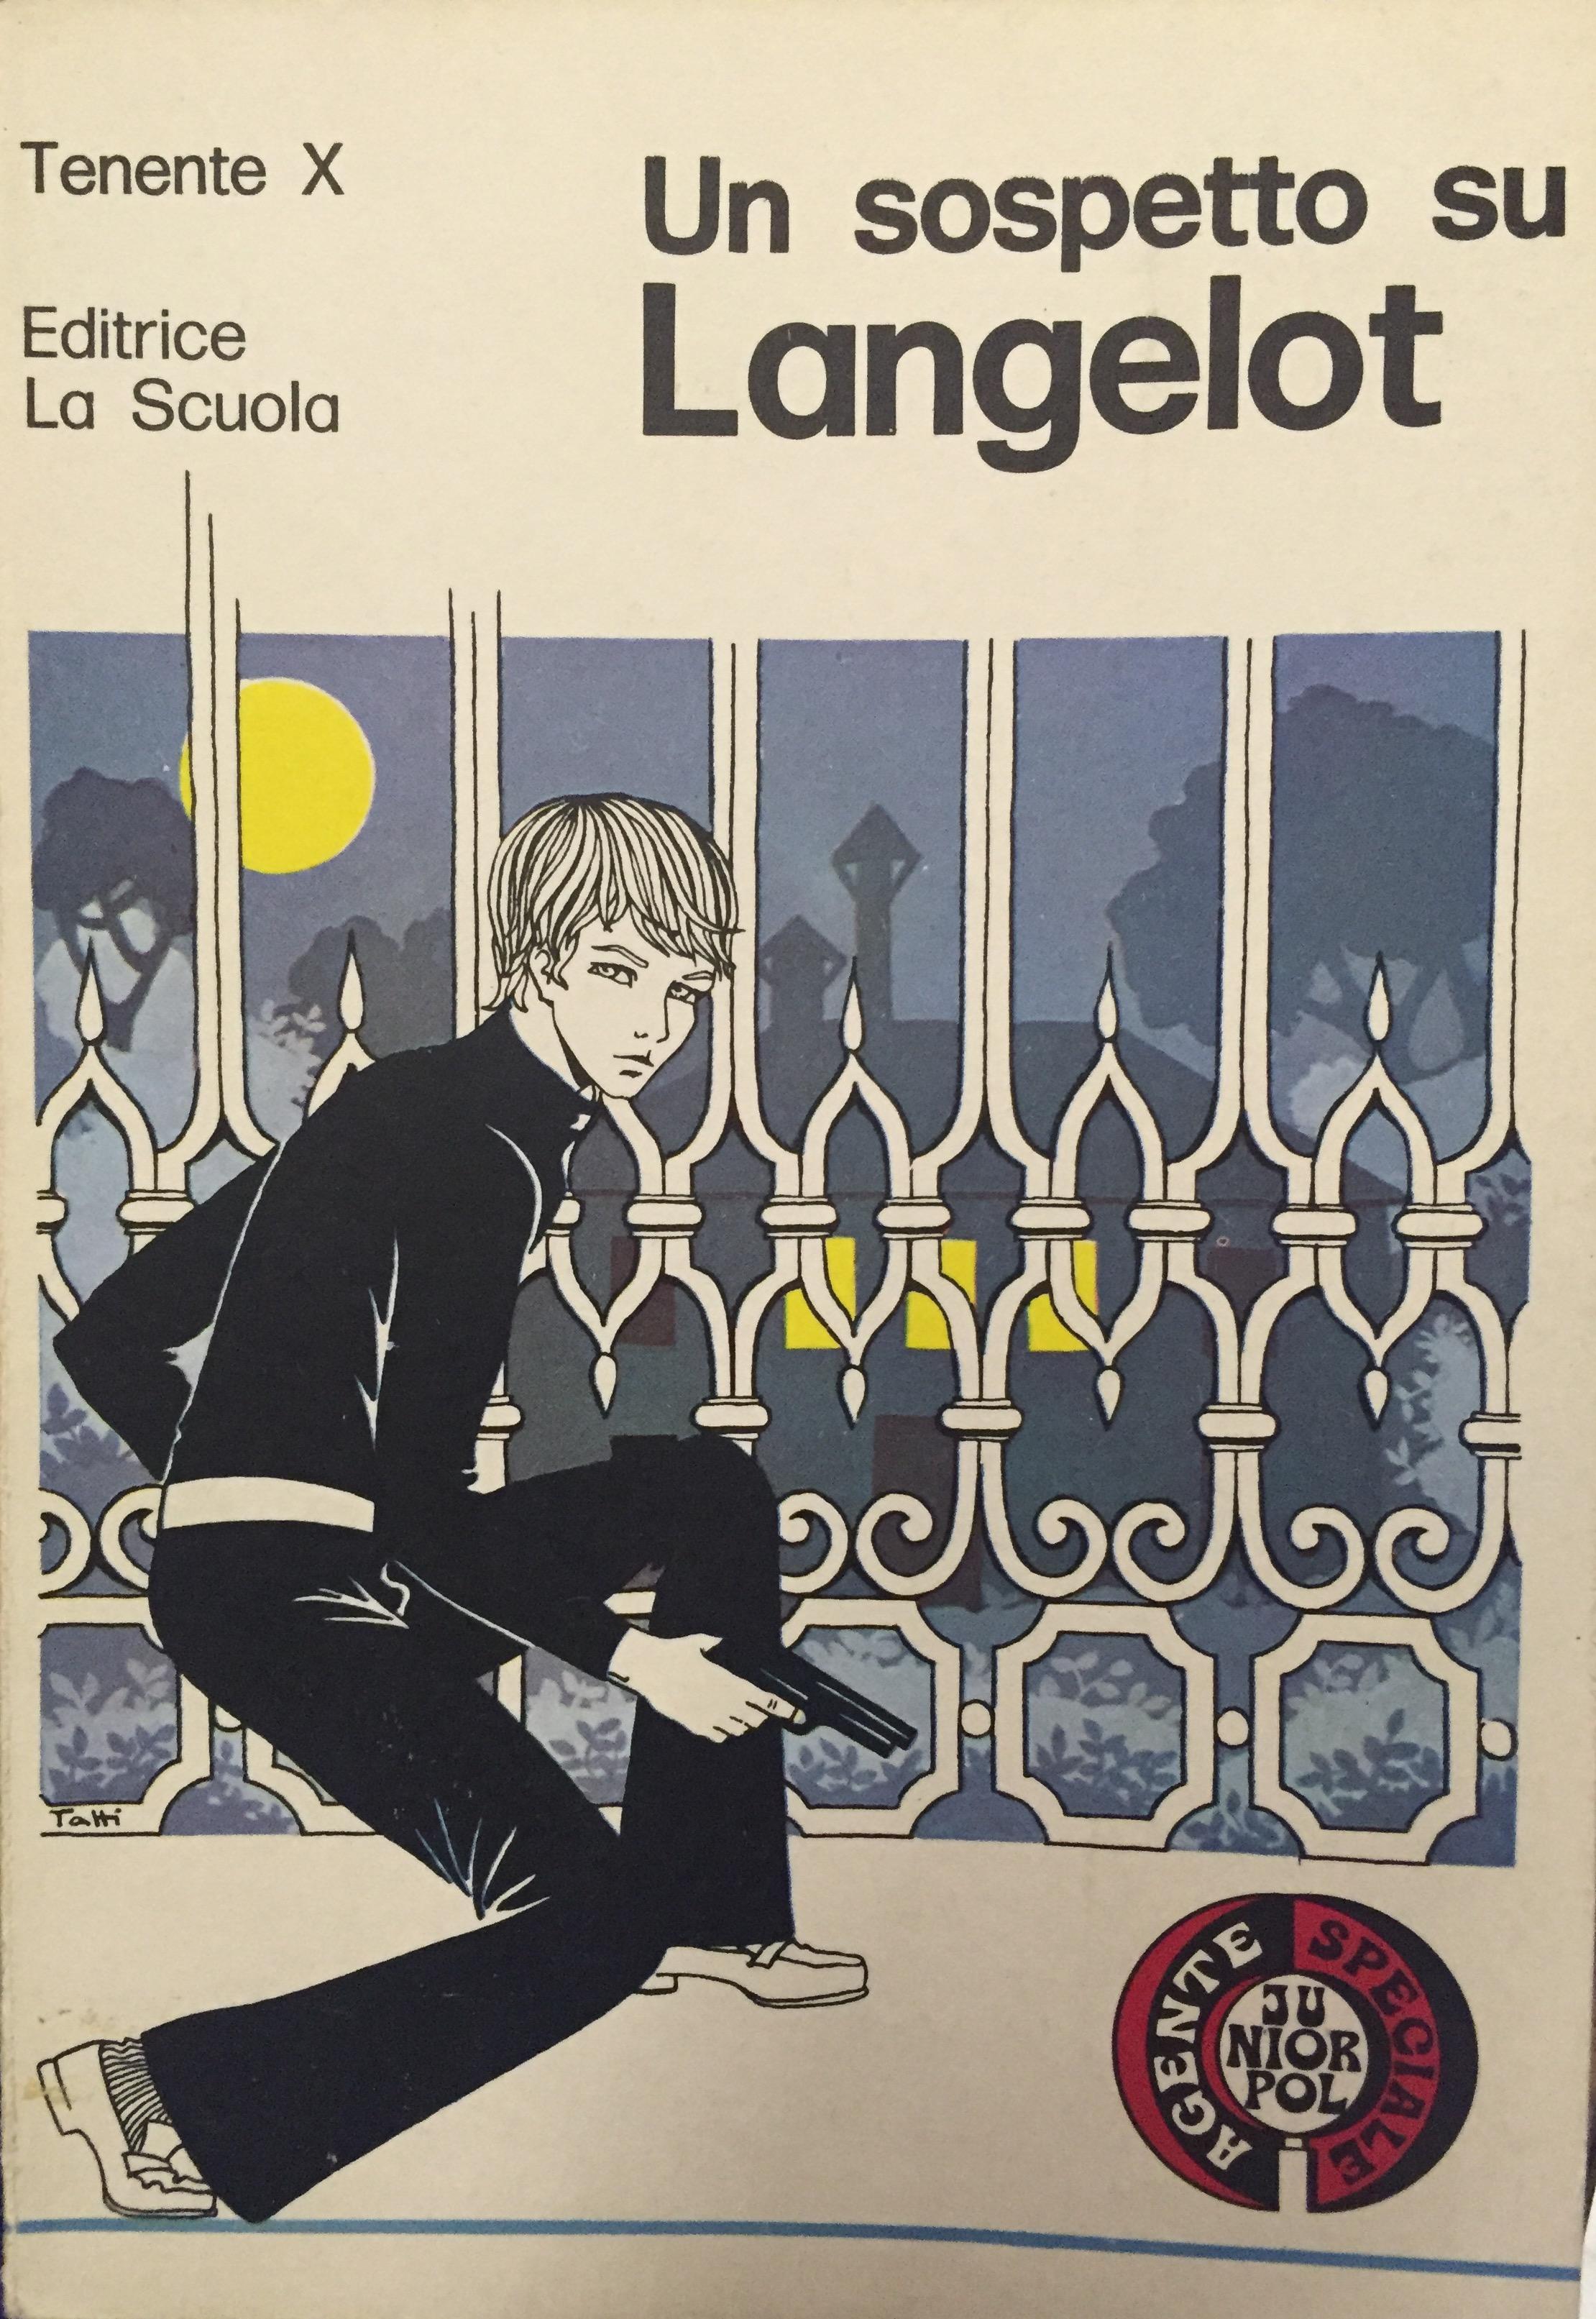 Un sospetto su Langelot